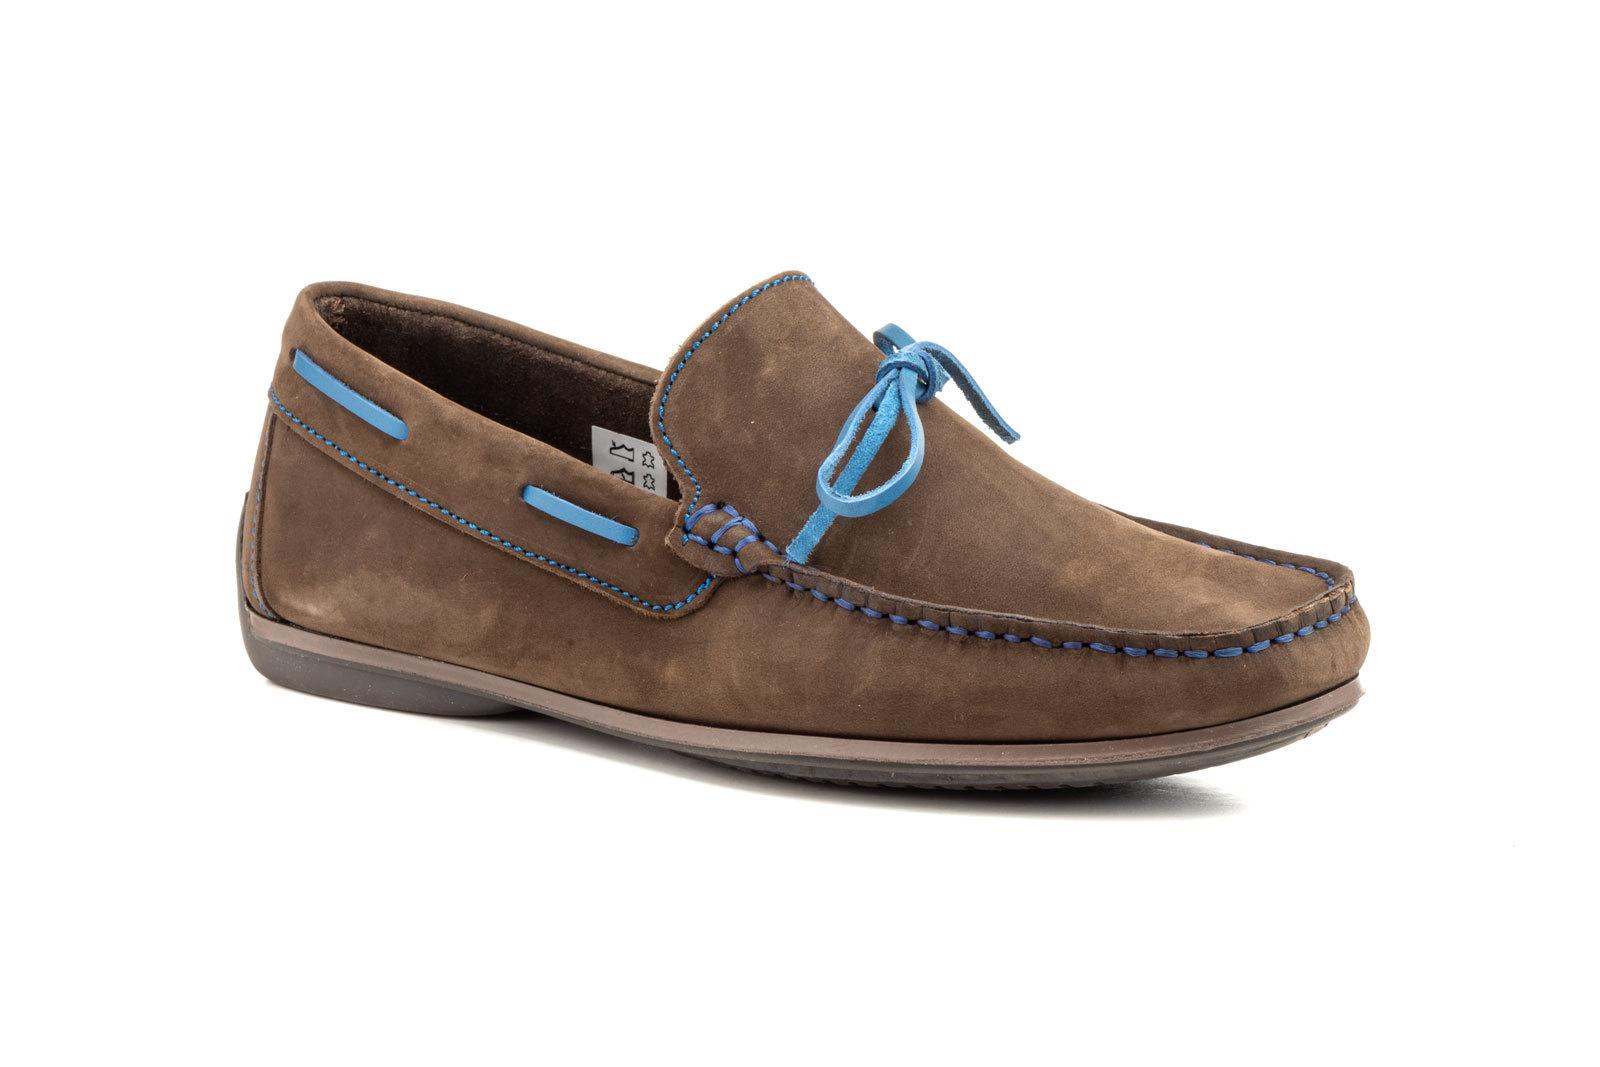 Zapatos Náuticos Hombre   SCN 505 Marrón